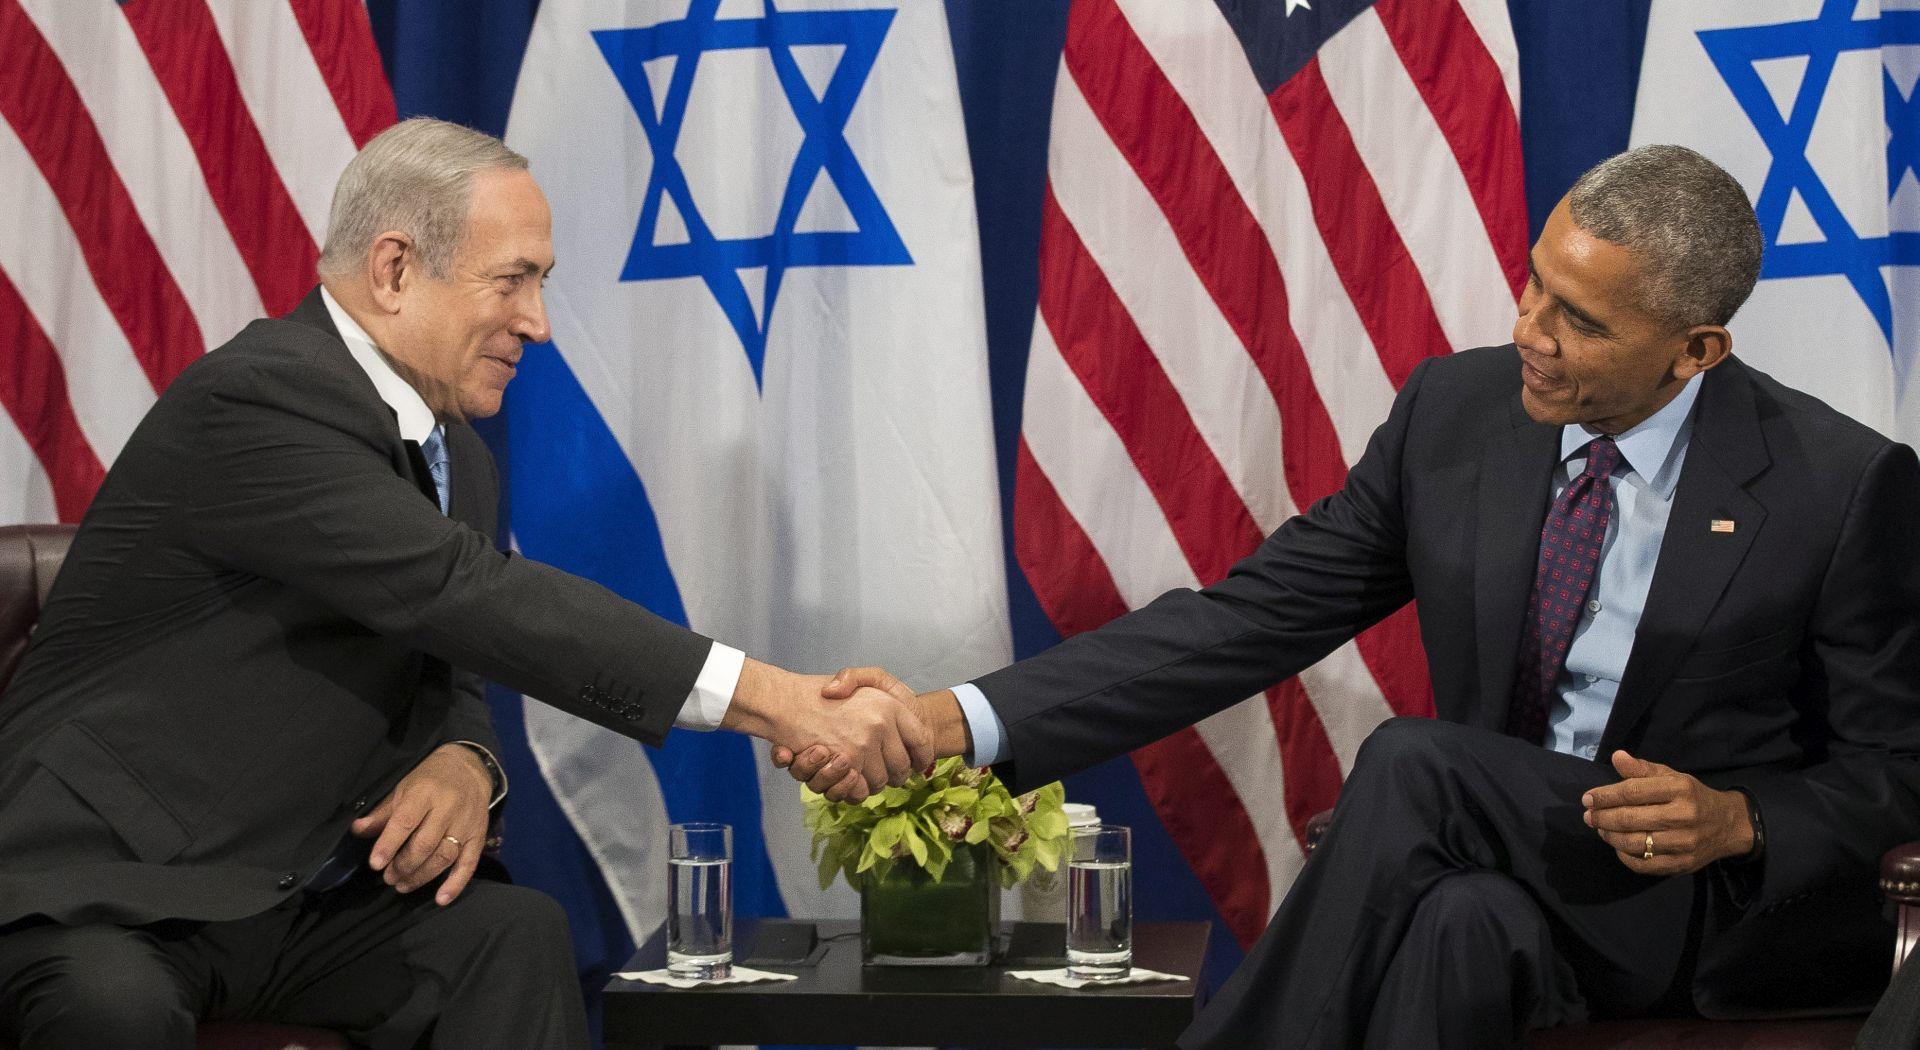 Krize između Izraela i Sjedinjenih Država